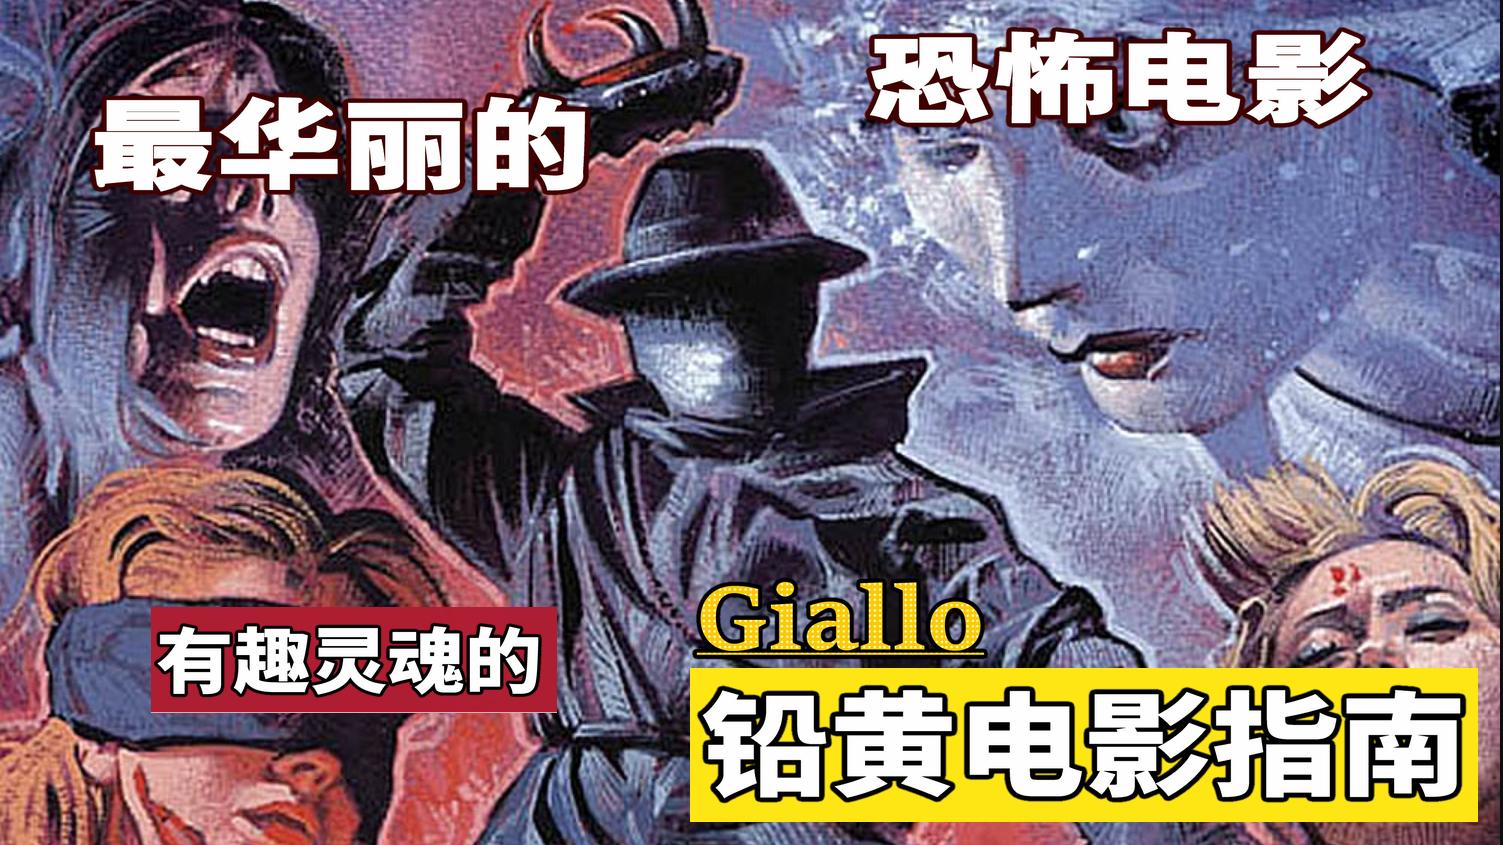 【影见】回到恐怖电影最华丽的时代,giallo铅黄电影A站指南!